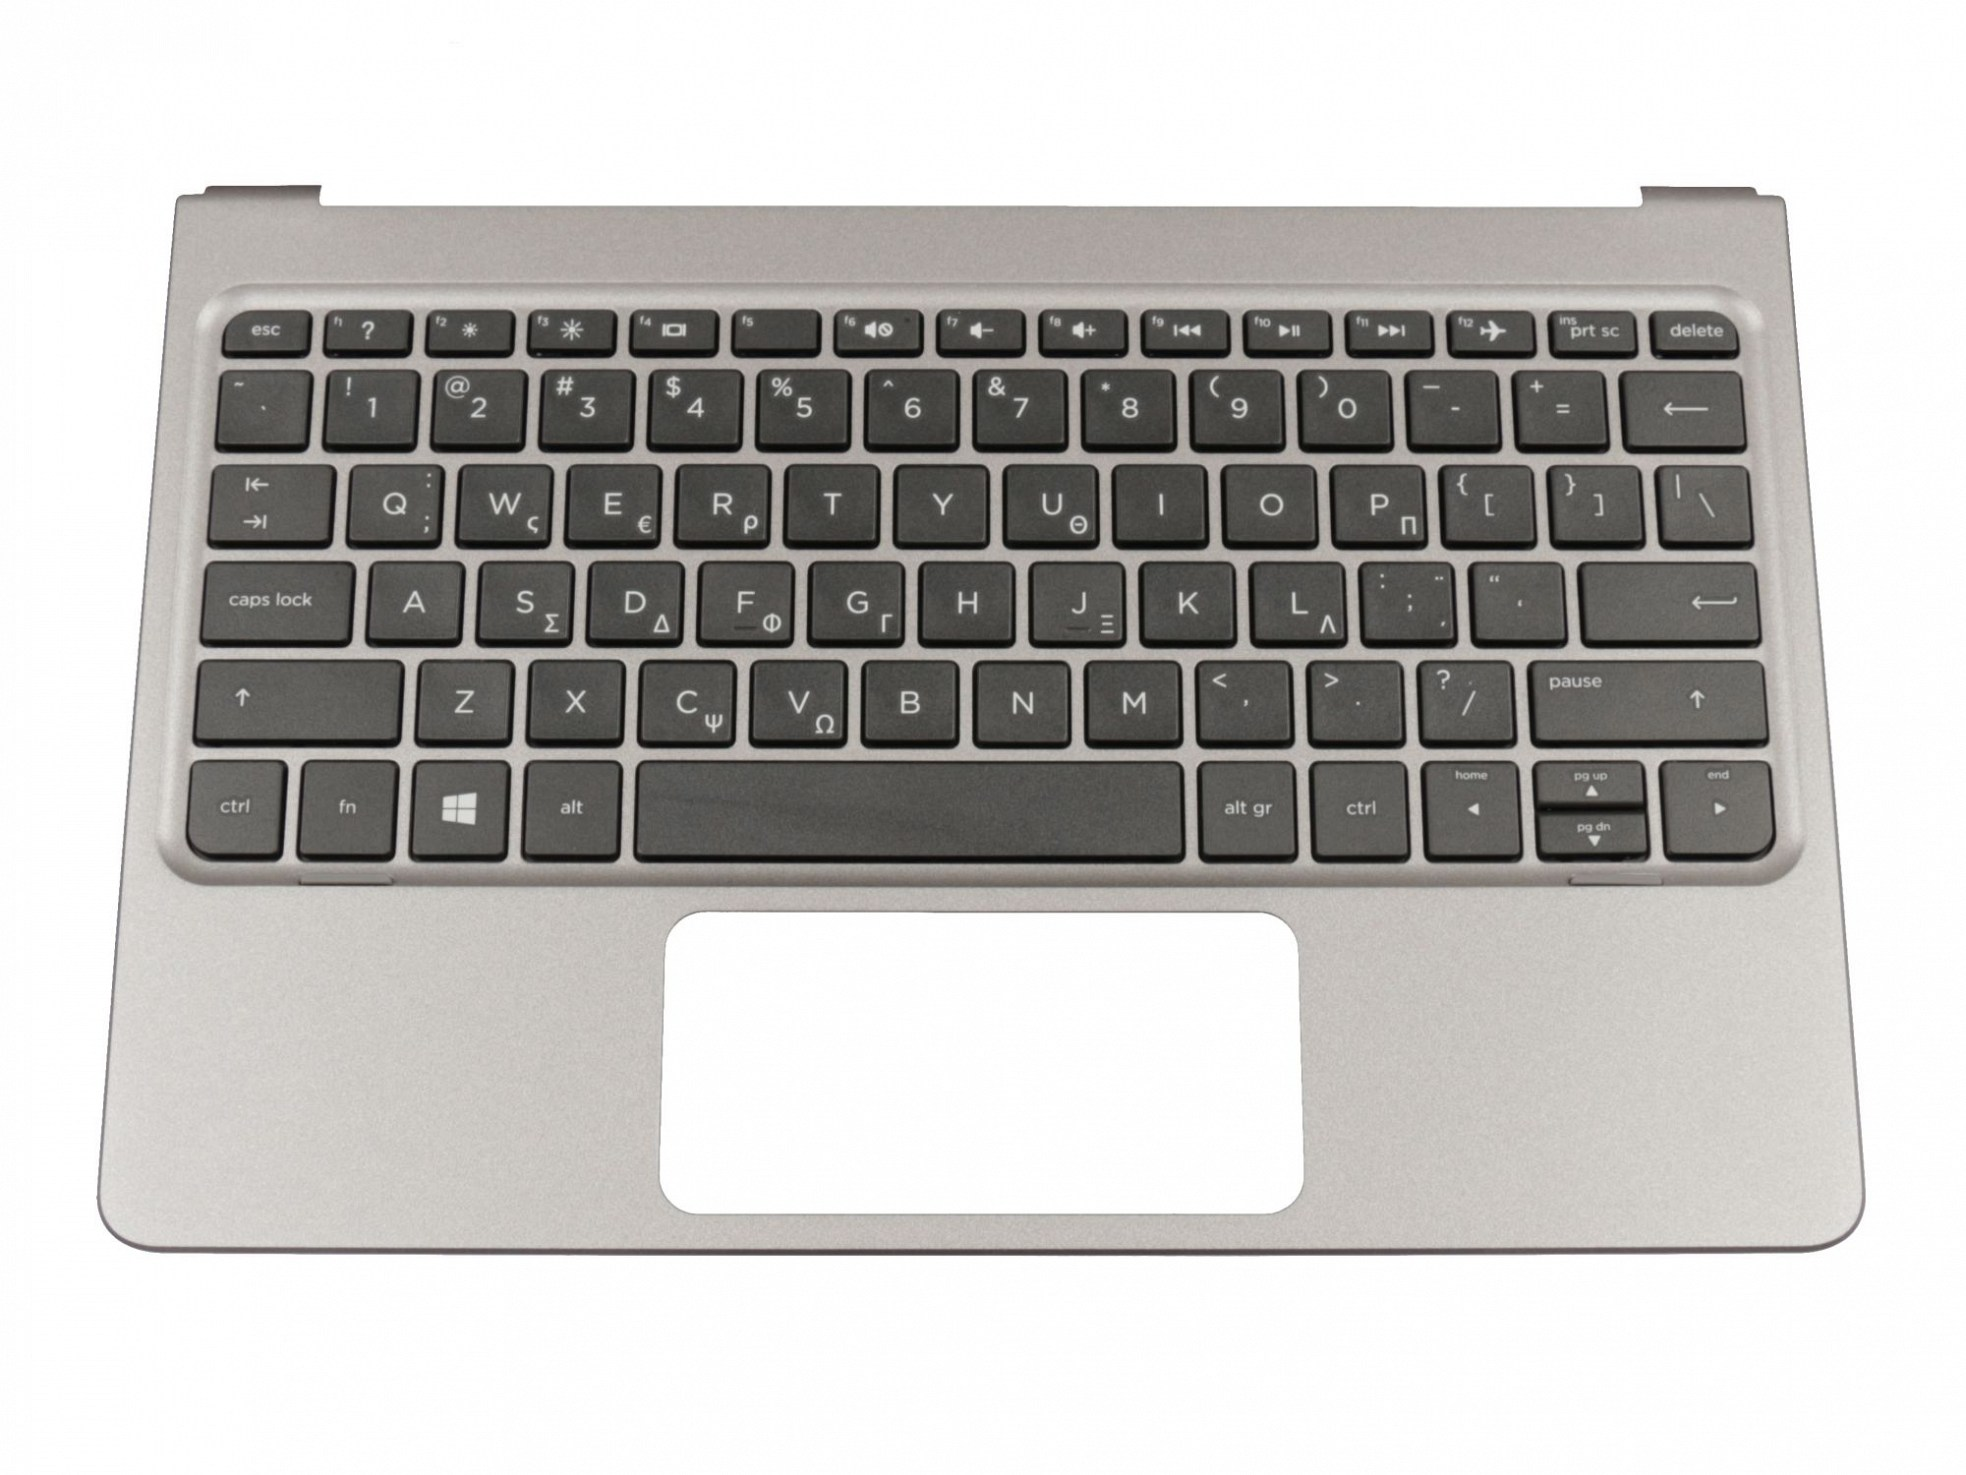 HP 813024-151 Tastatur inkl. Topcase GR (griechisch) schwarz/grau Original